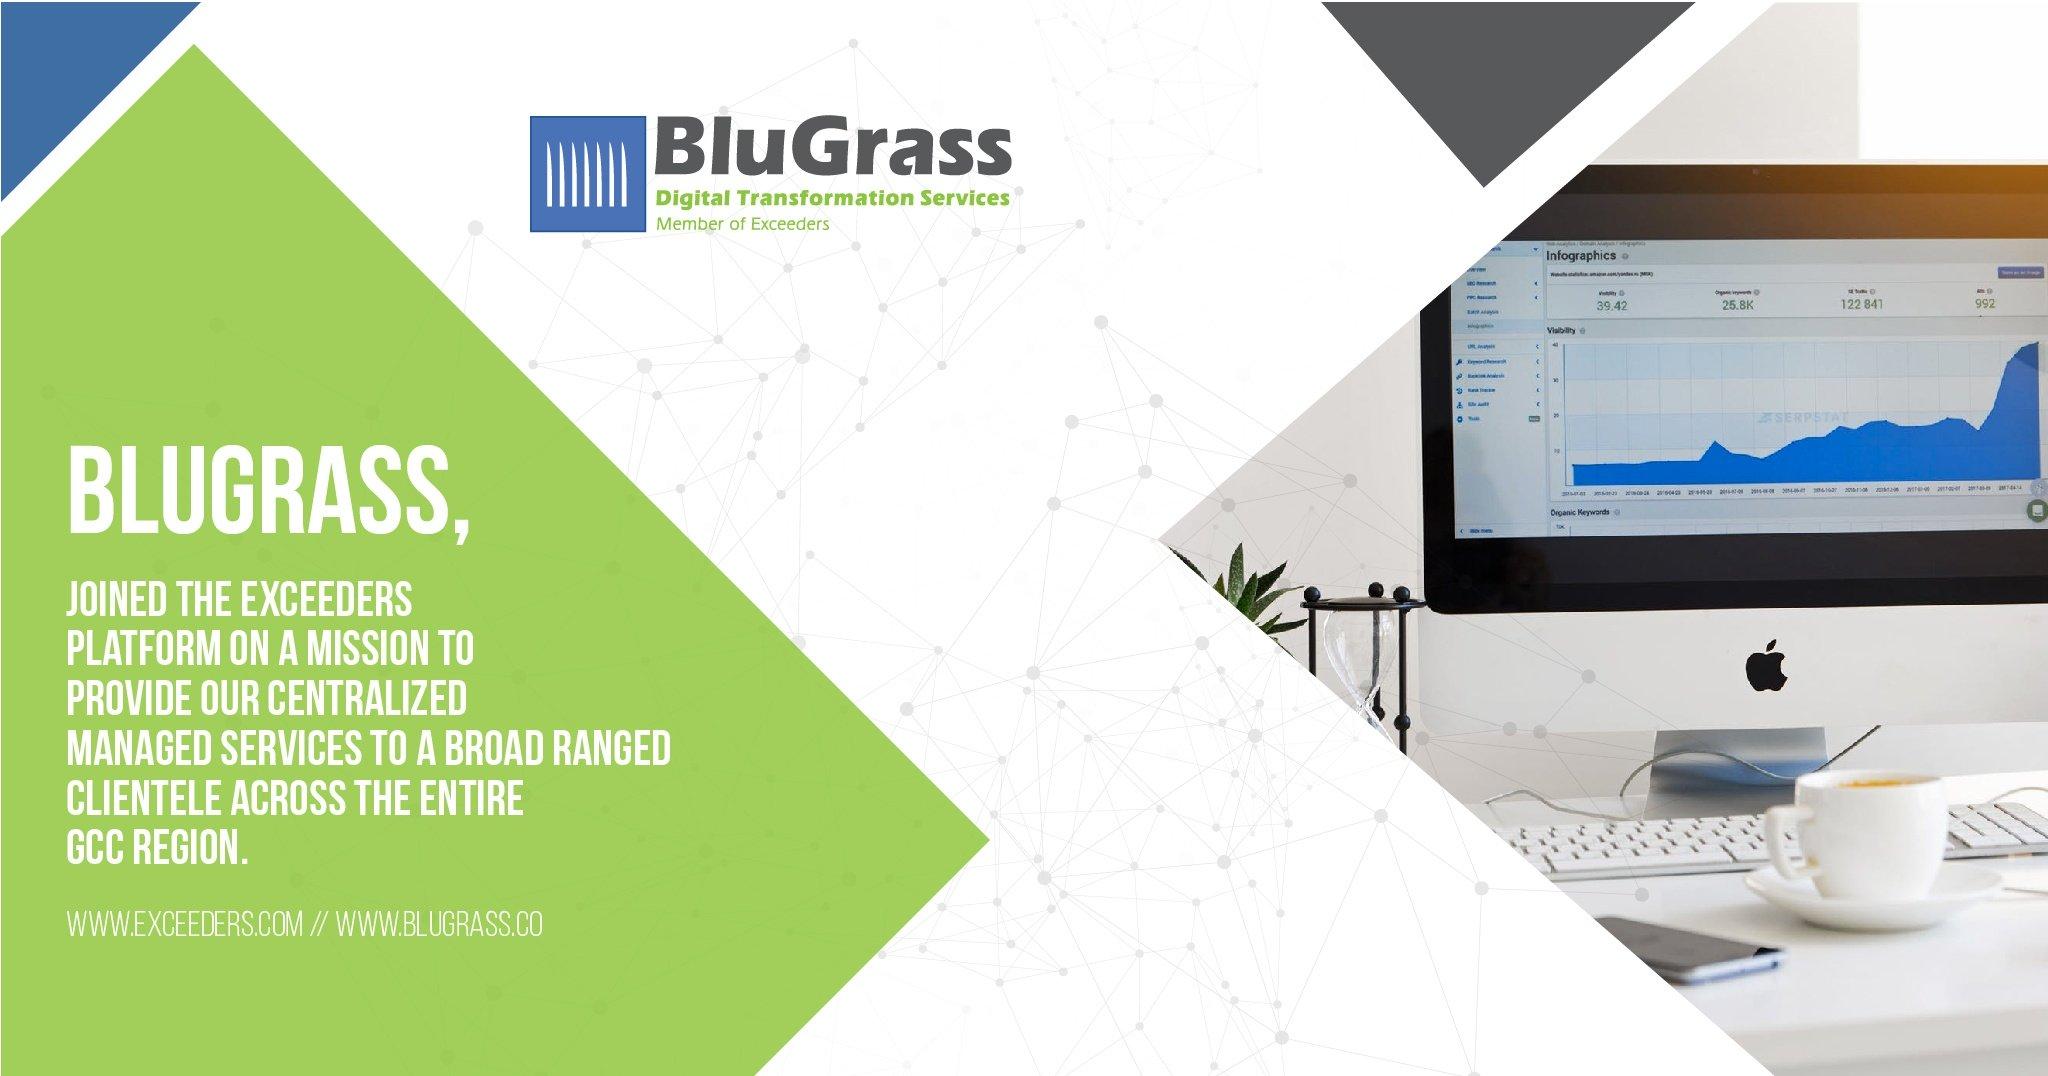 blugrass-smpost-02[8]